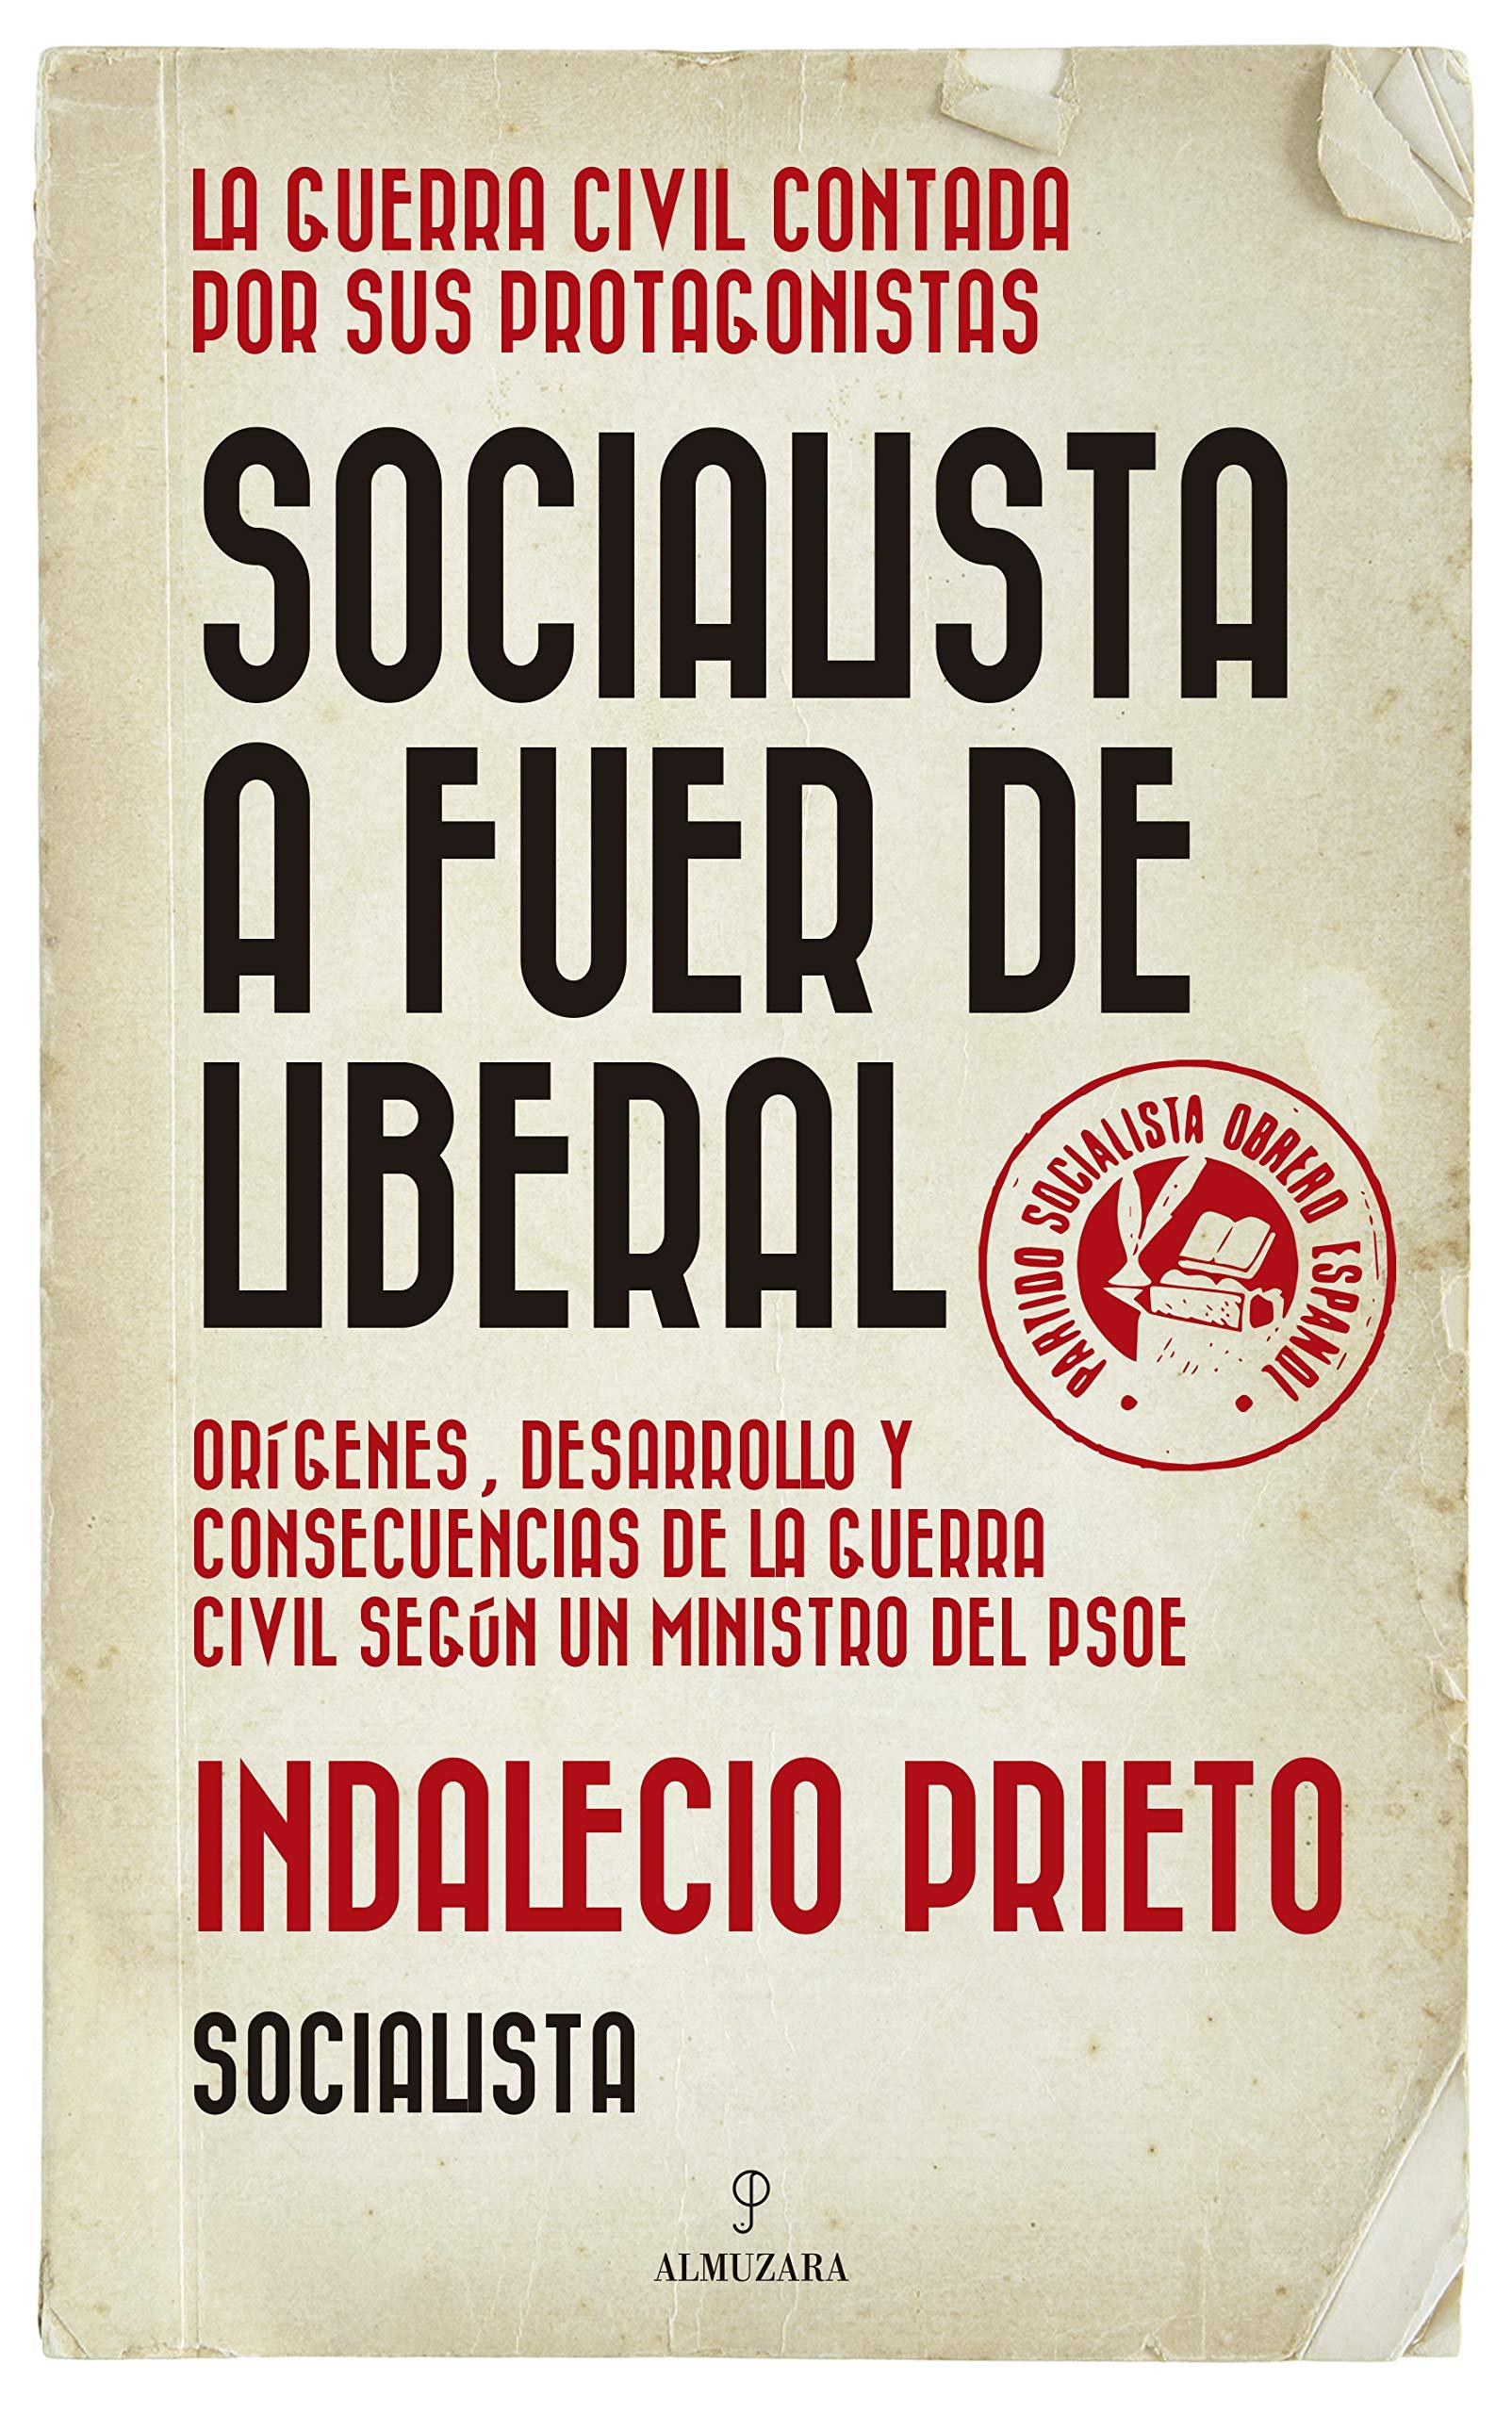 Socialista a fuer de liberal: Orígenes, desarrollo y consecuencias ...